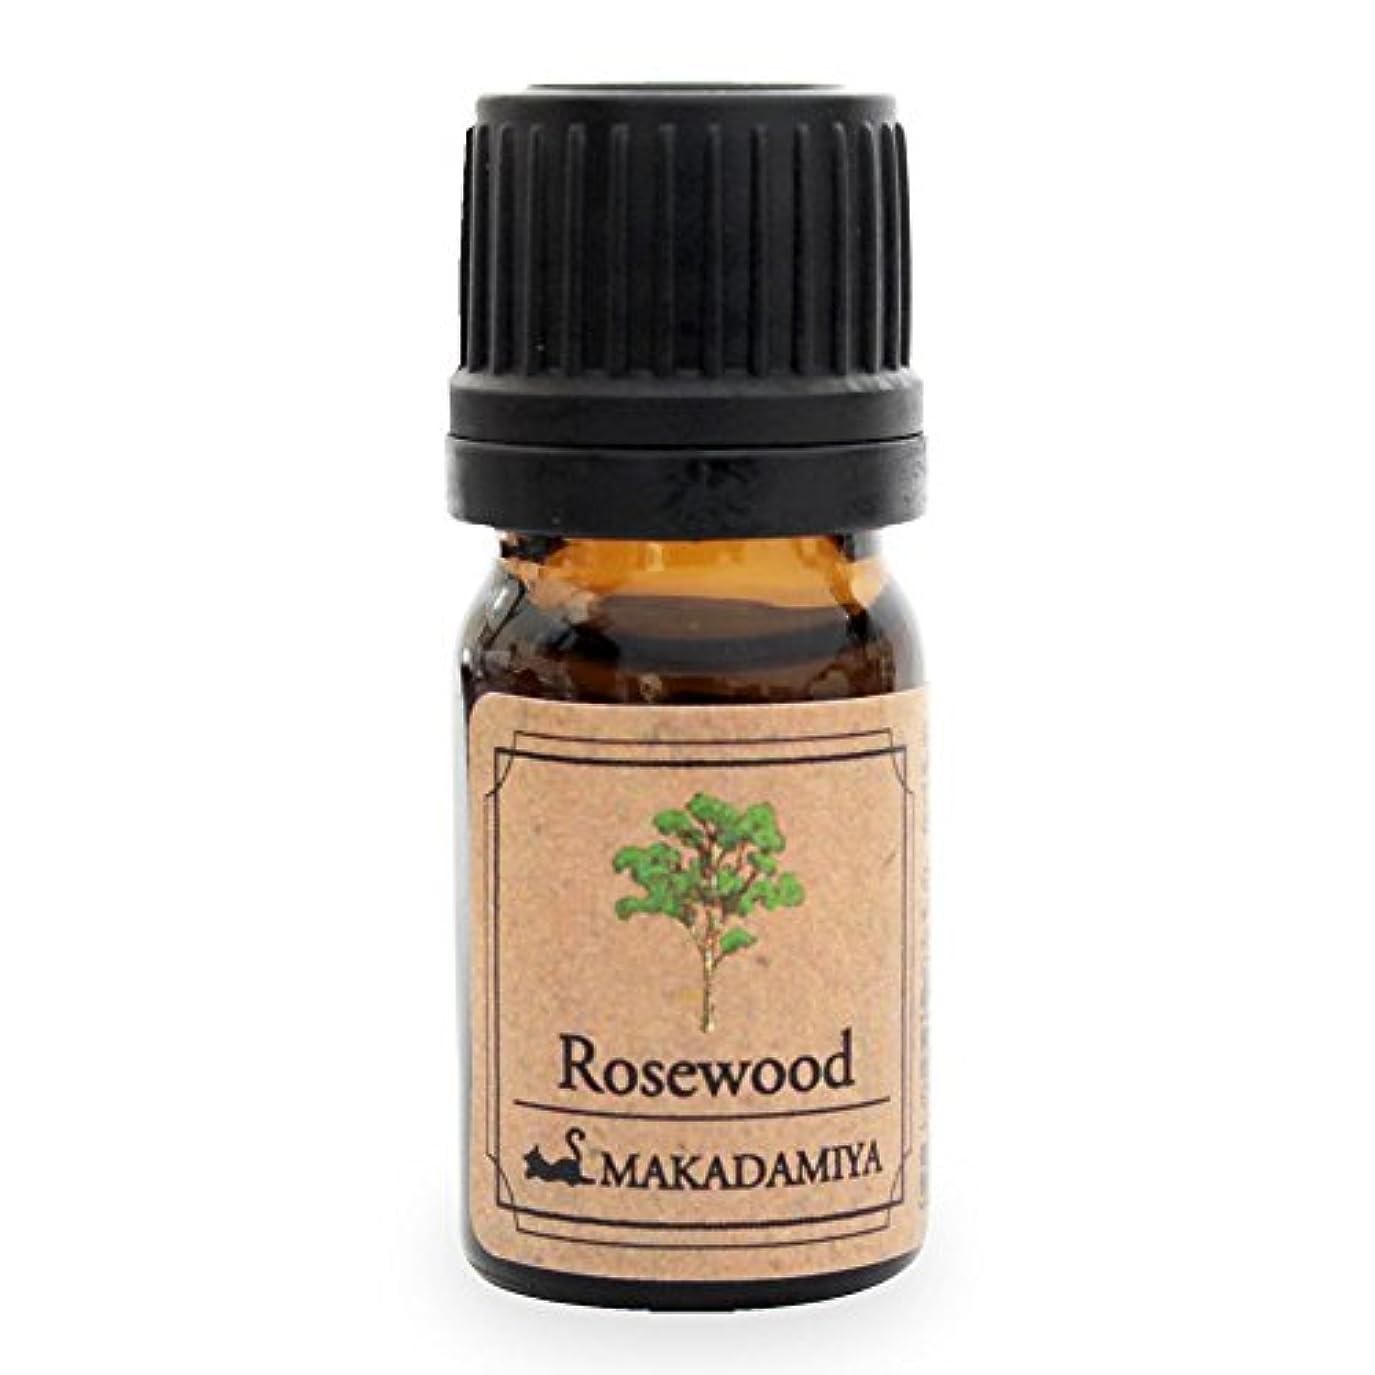 定規脊椎受動的ローズウッド5ml 天然100%植物性 エッセンシャルオイル(精油) アロマオイル アロママッサージ aroma Rosewood